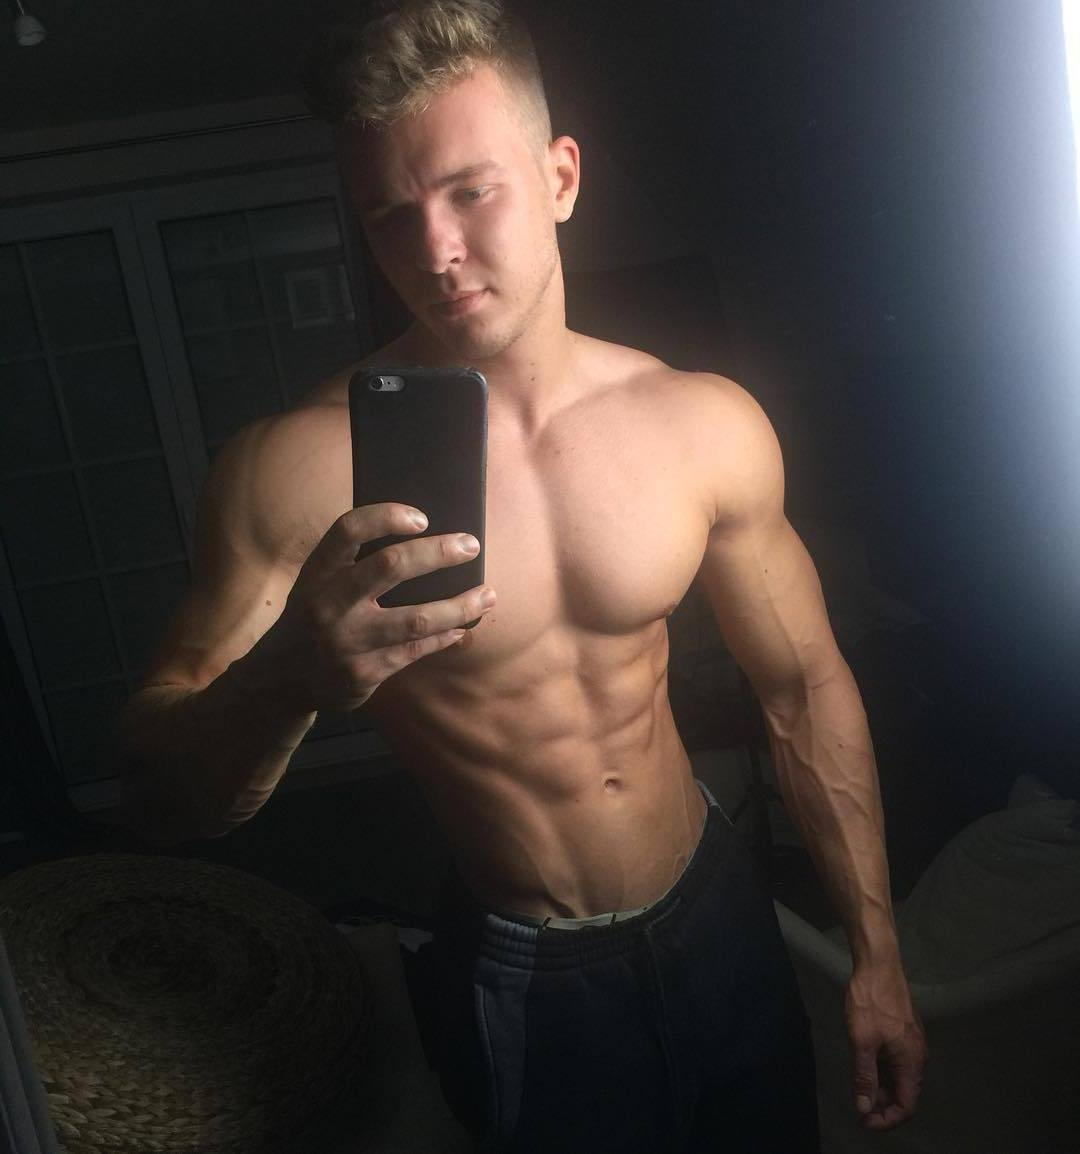 shirtless-muscle-hunk-joe-dahler-selfie-pictures